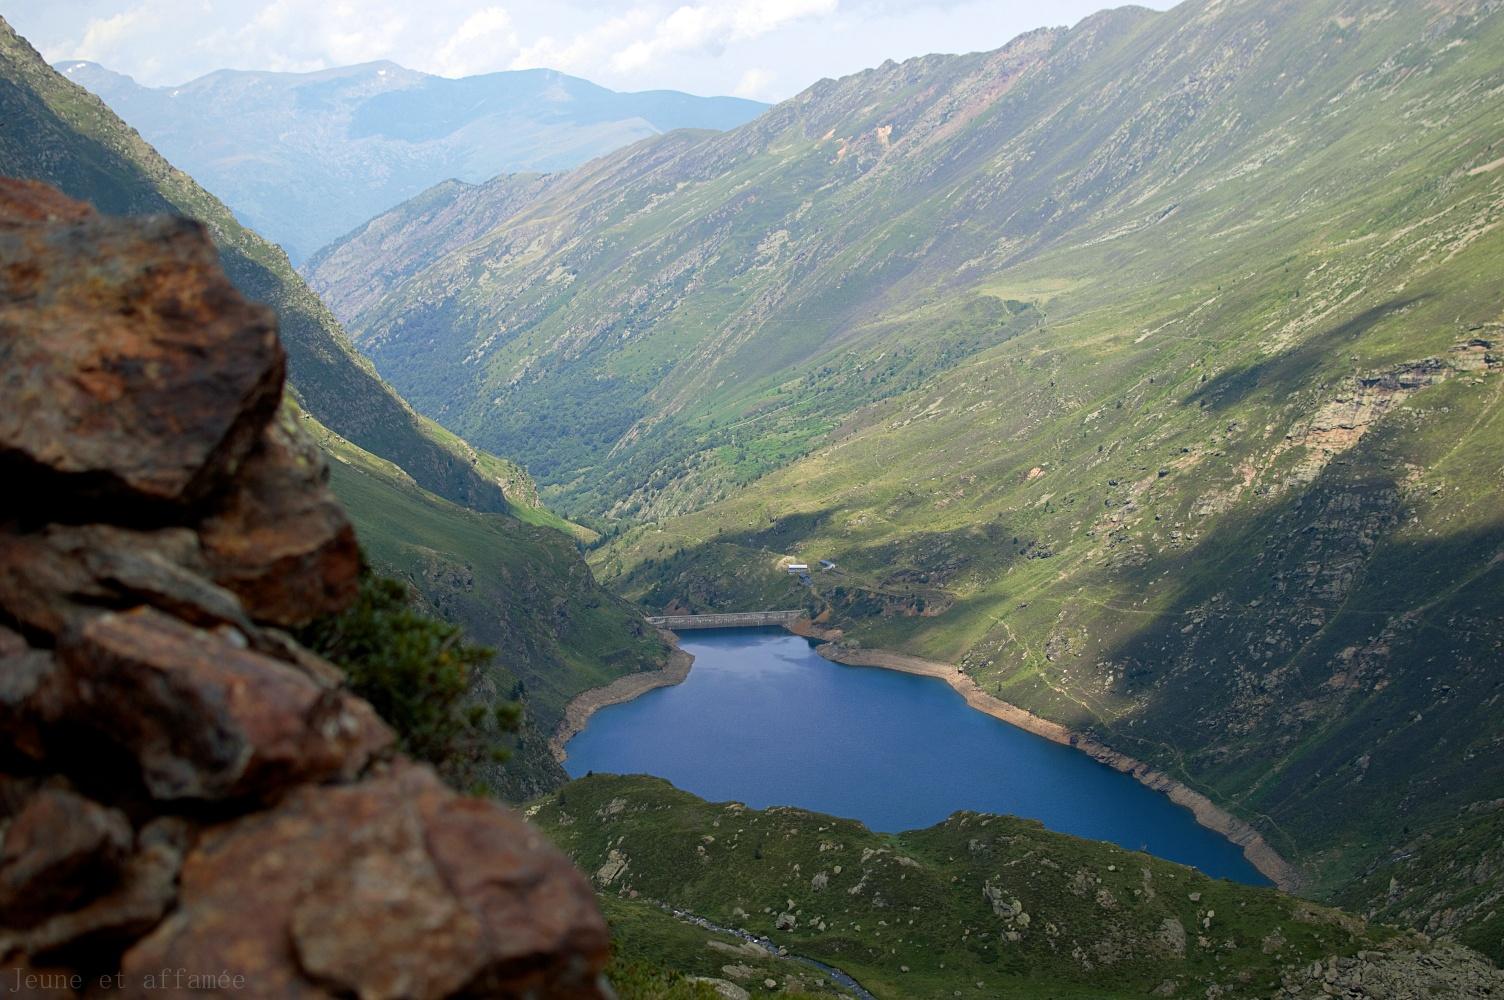 L'étang d'Izourt vu d'en haut, depuis le chemin menant au Fourcat